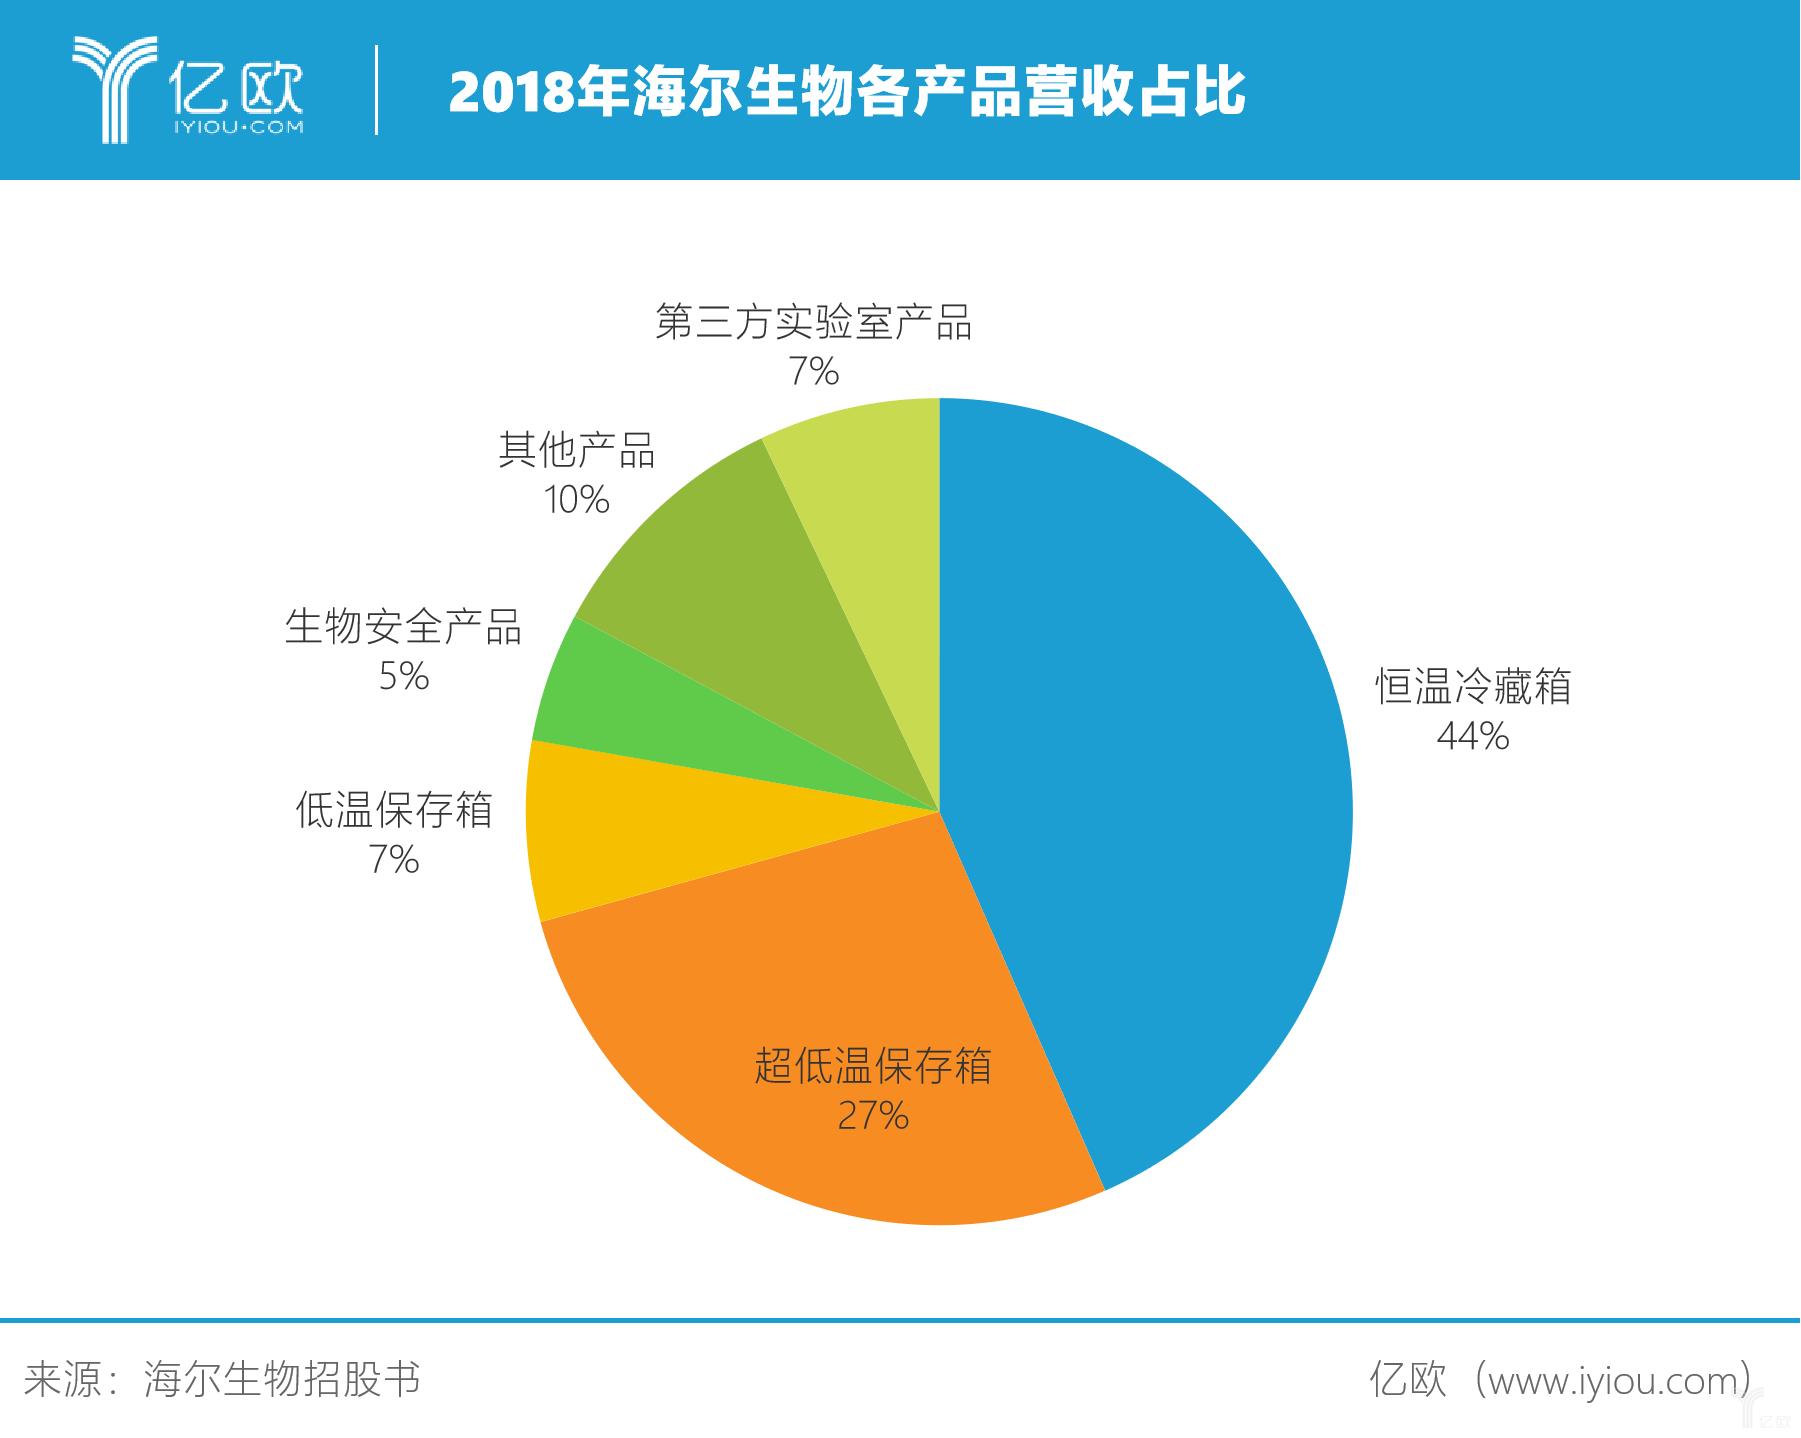 2018年海尔生物个产品营收占比